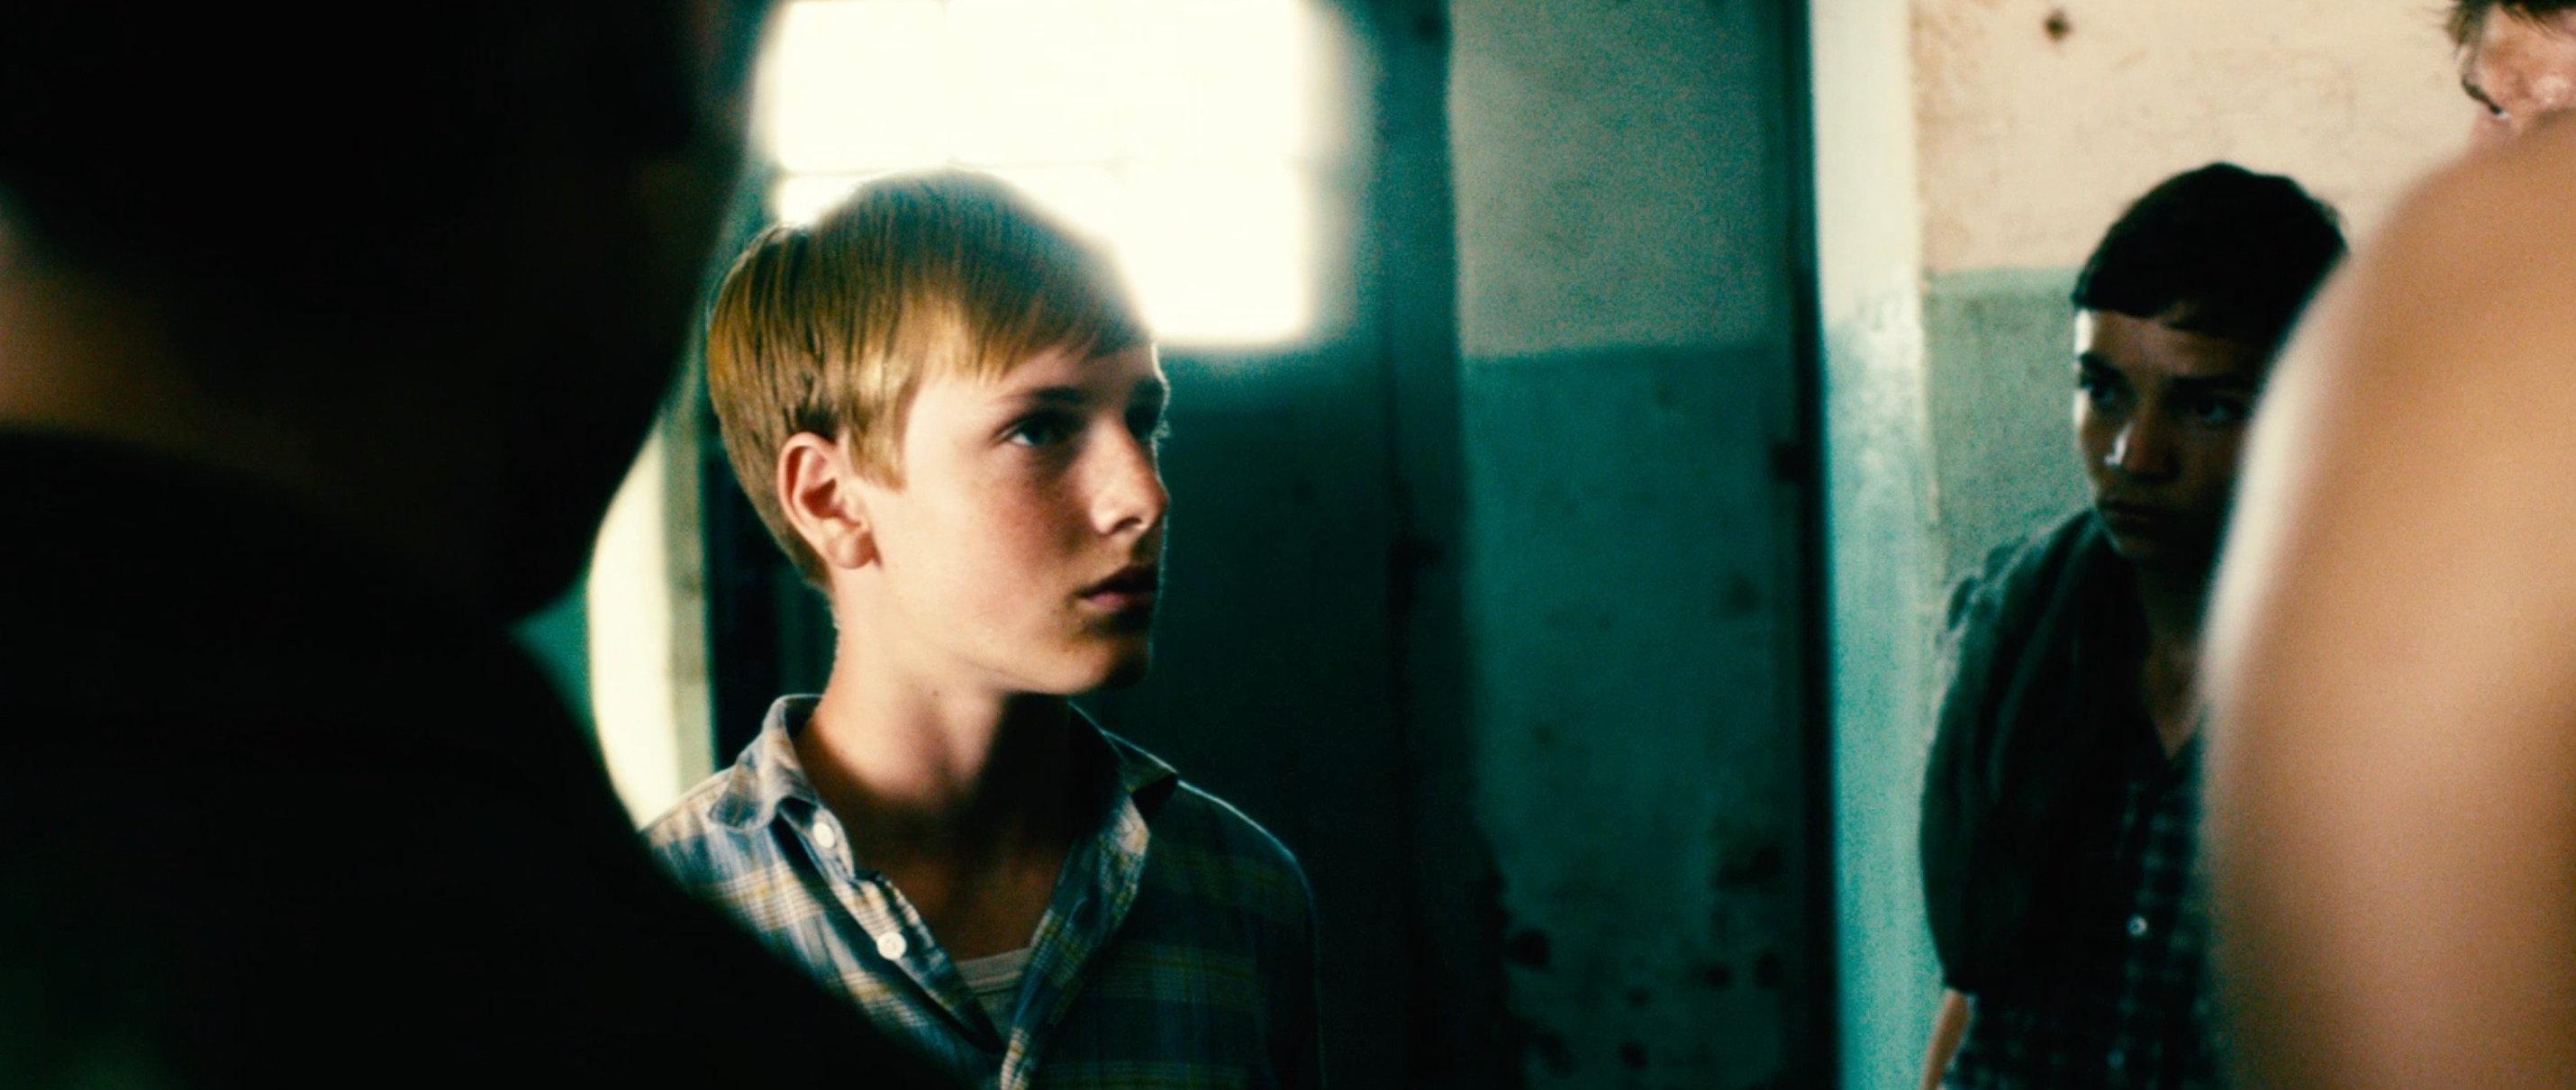 Freistatt Sanctuary - Wolfgang Sievers gespielt von Louis Hofmann - Regie Marc Brummund - Kamera Judith Kaufmann